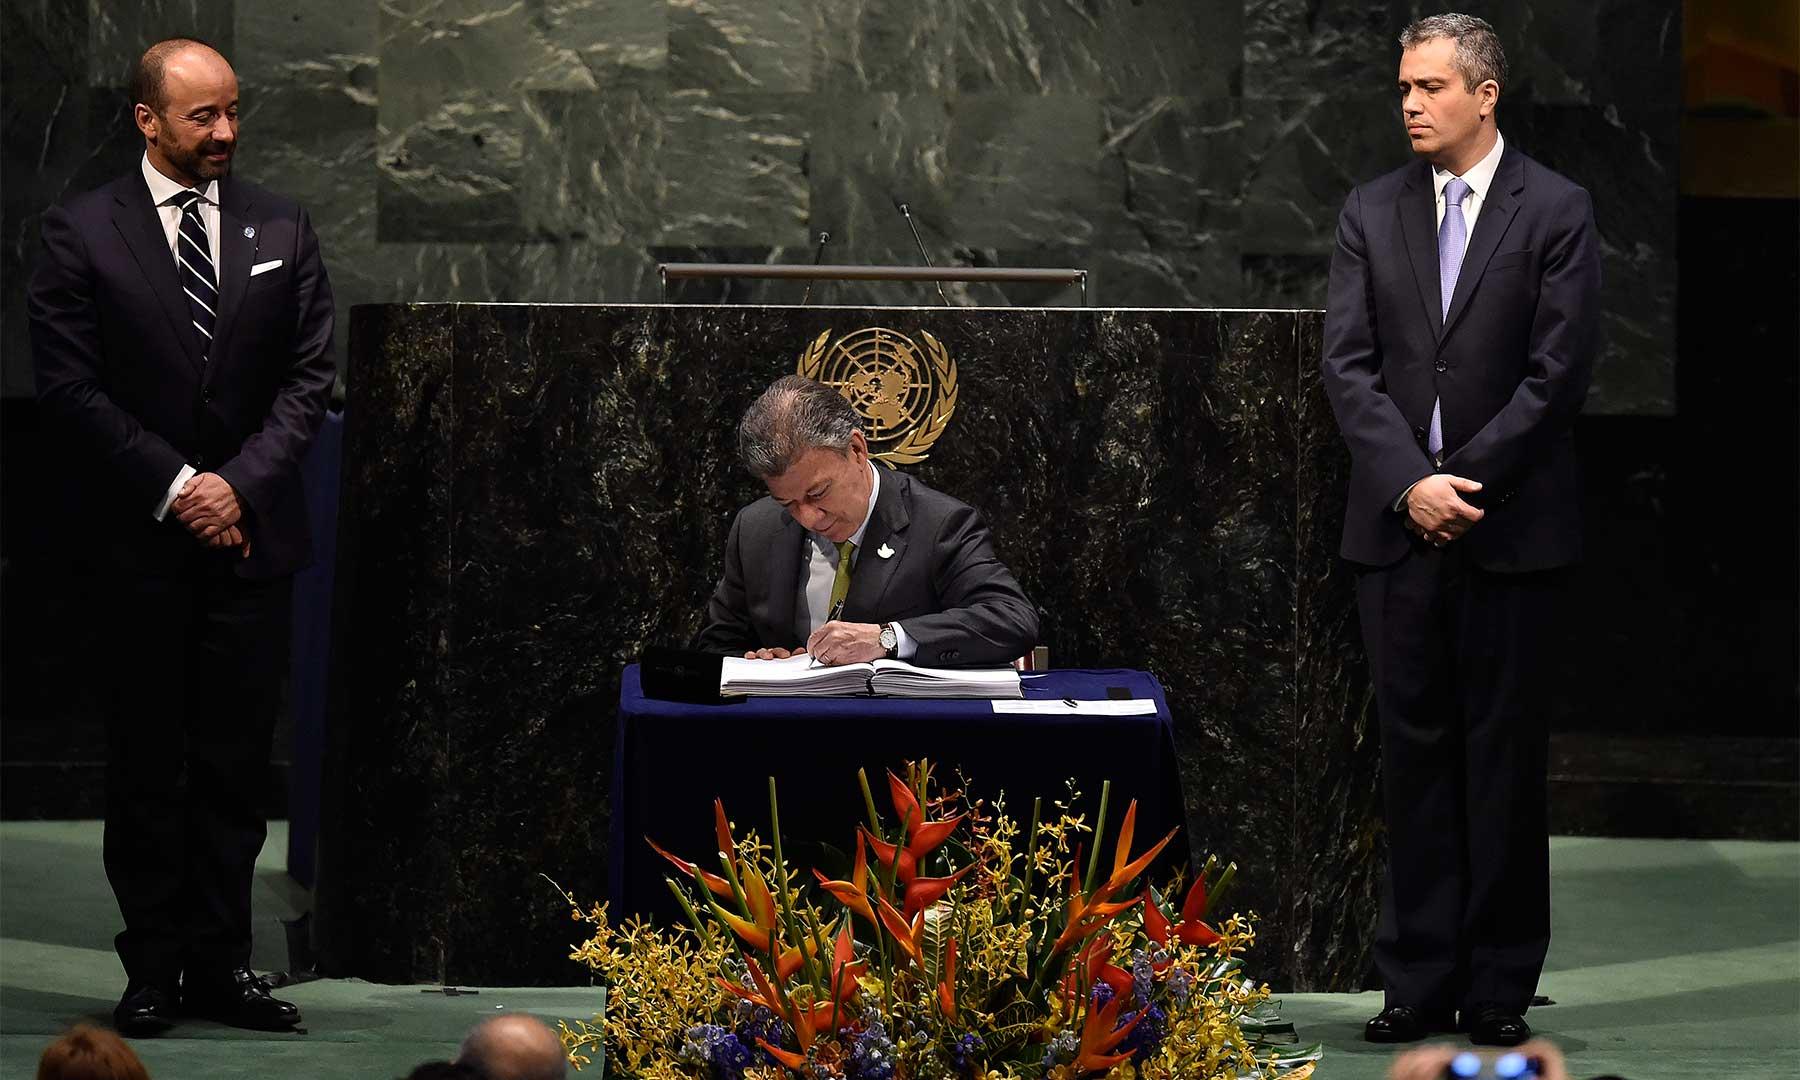 El Presidente de Colombia, Juan Manuel Santos, rubricó este viernes el Acta de París sobre cambio climático, durante la ceremonia de apertura de la firma, celebrada en la sede de la ONU.